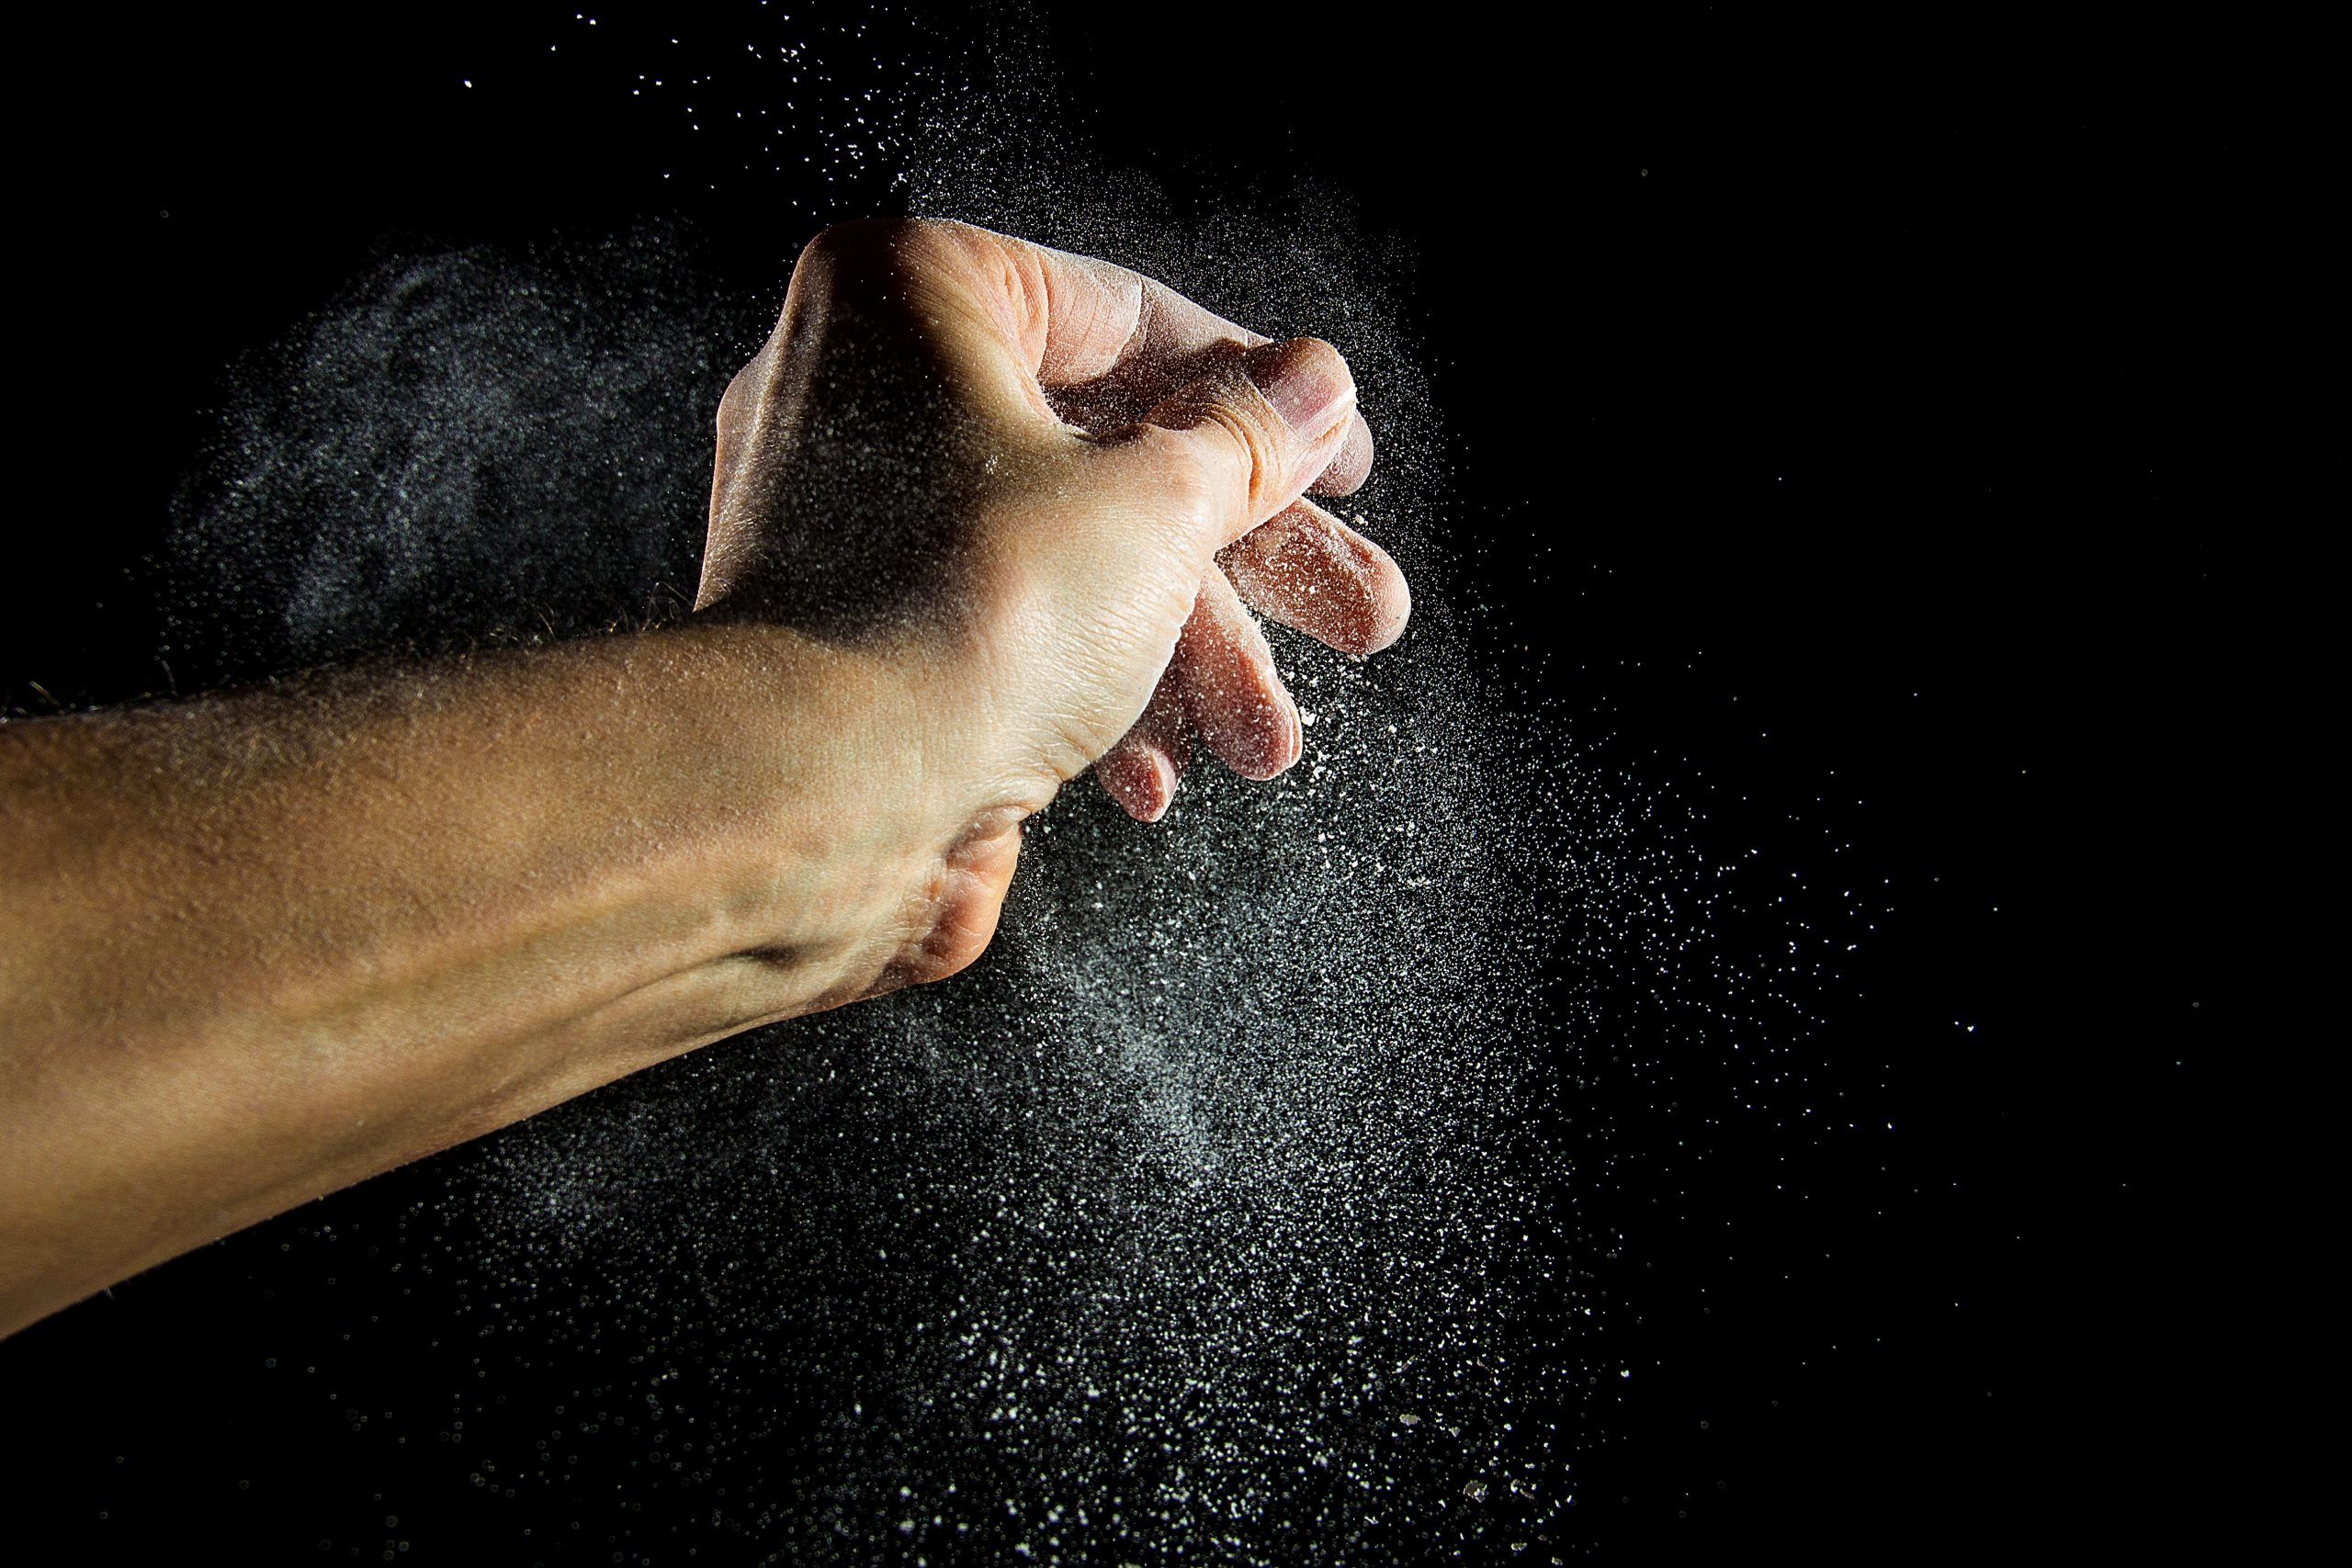 flour-dust-1910046